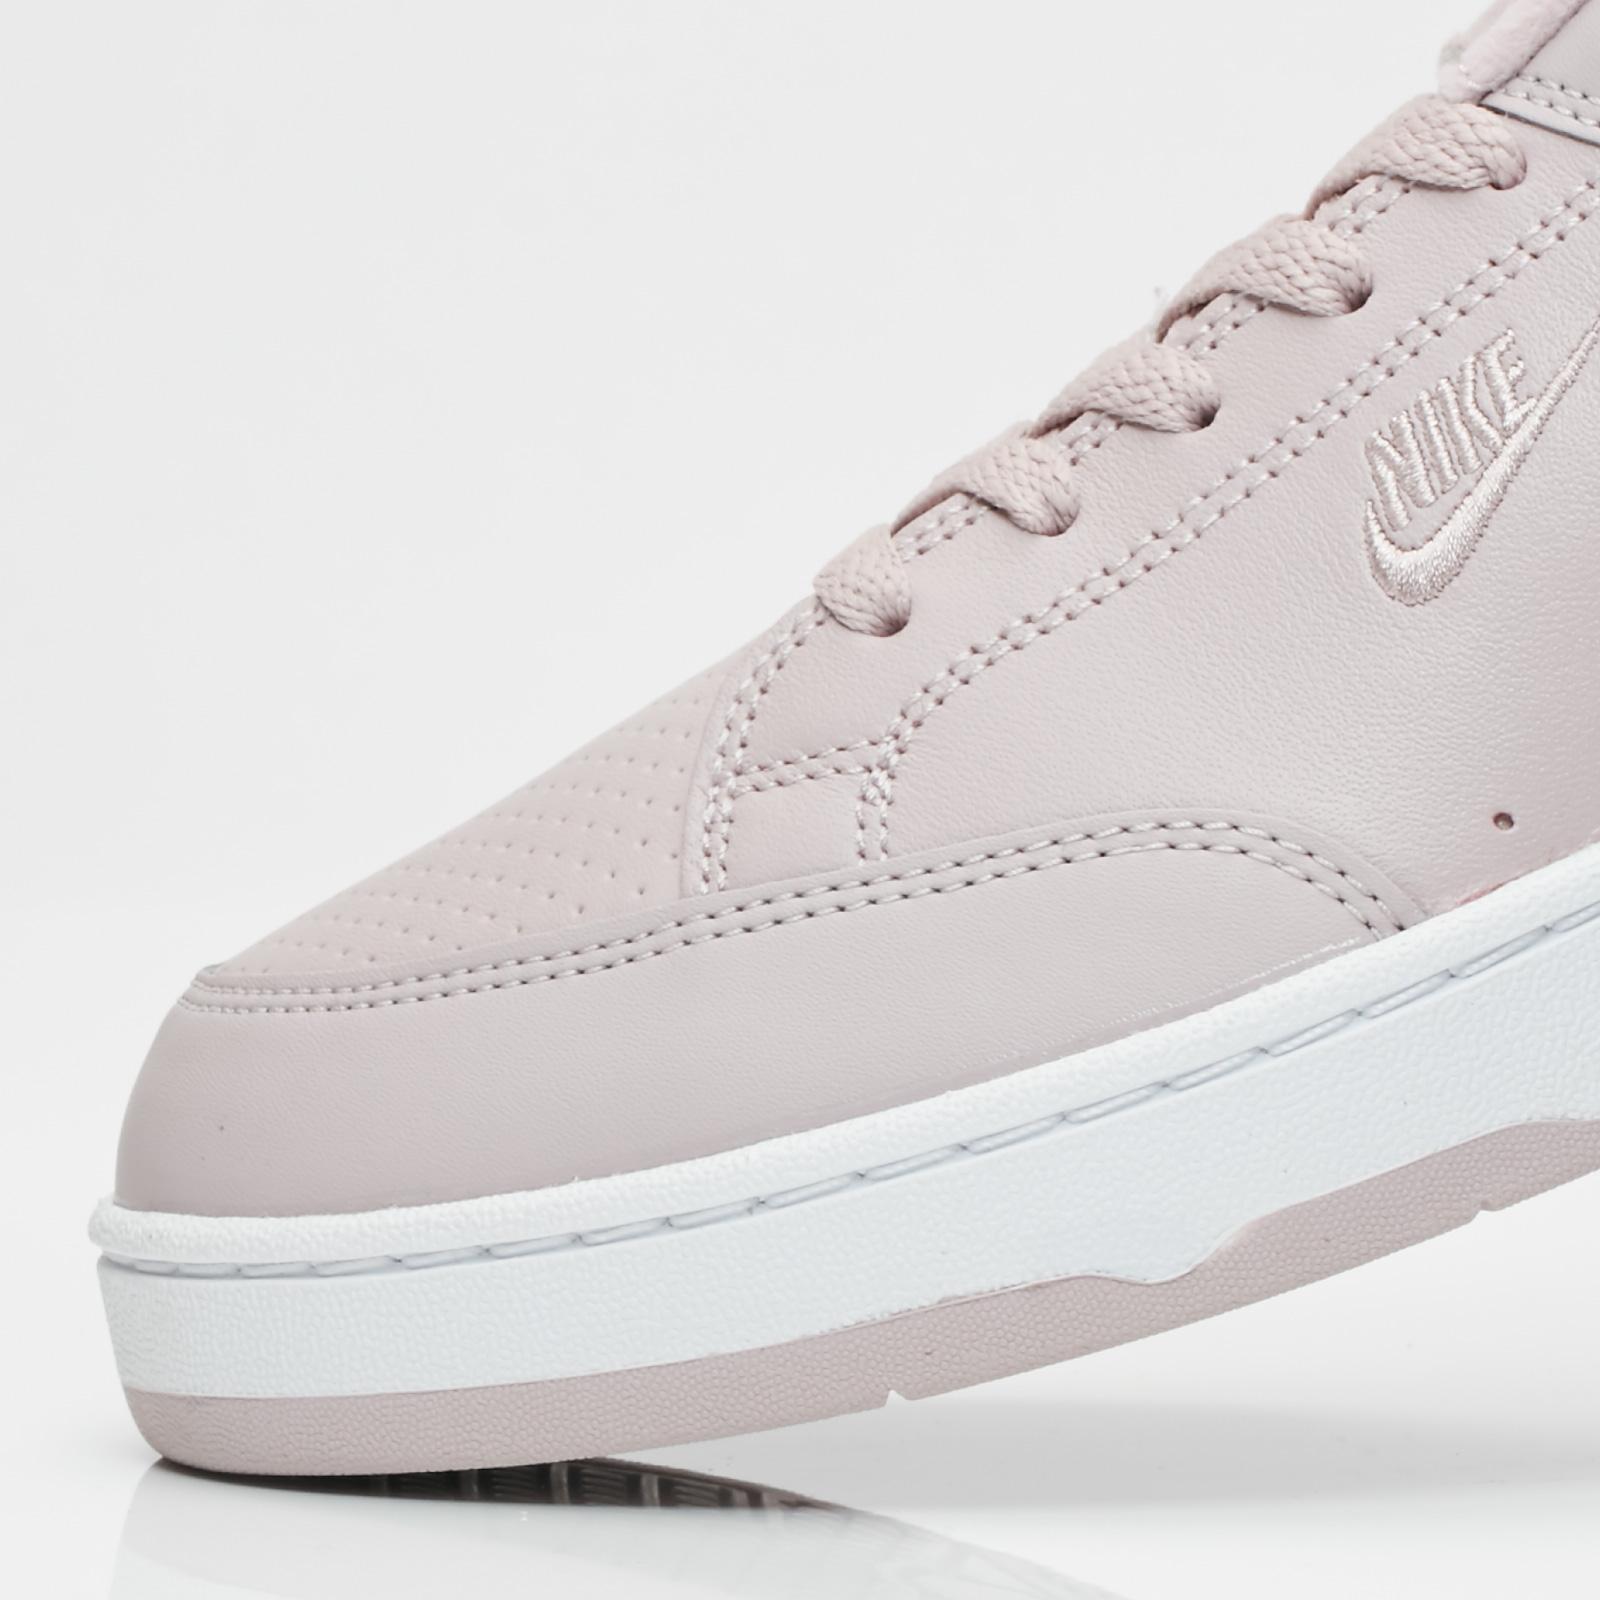 cheaper 2efe7 b03e4 ... Nike Sportswear Grandstand II ...